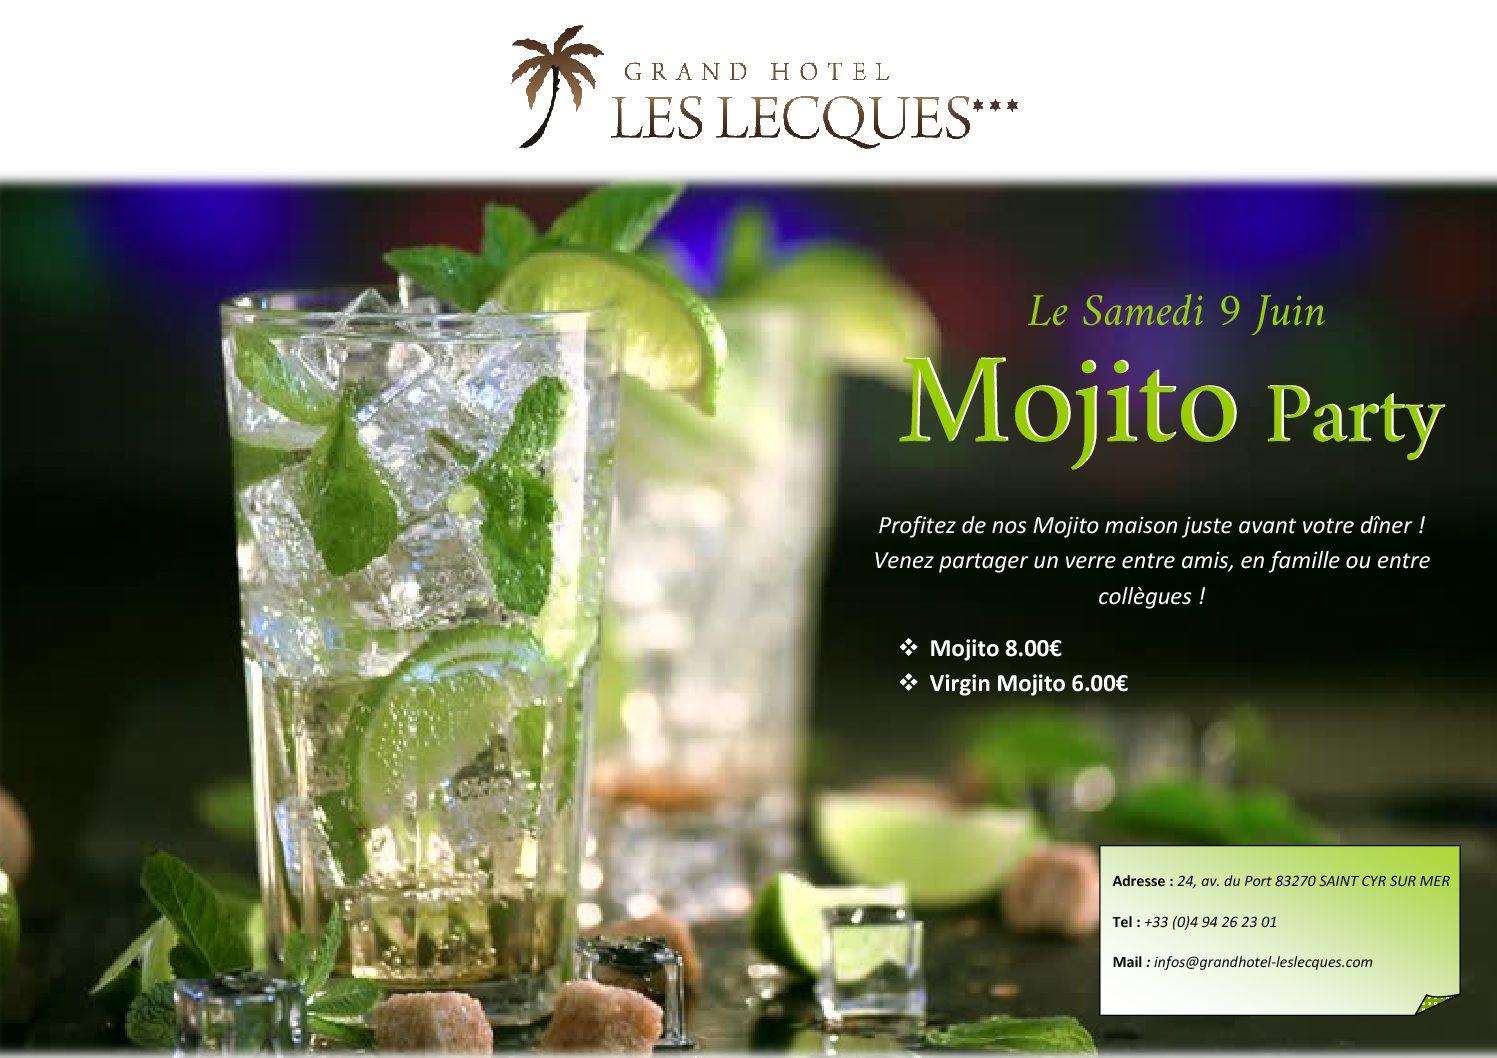 Mojito Party le Samedi 9 Juin